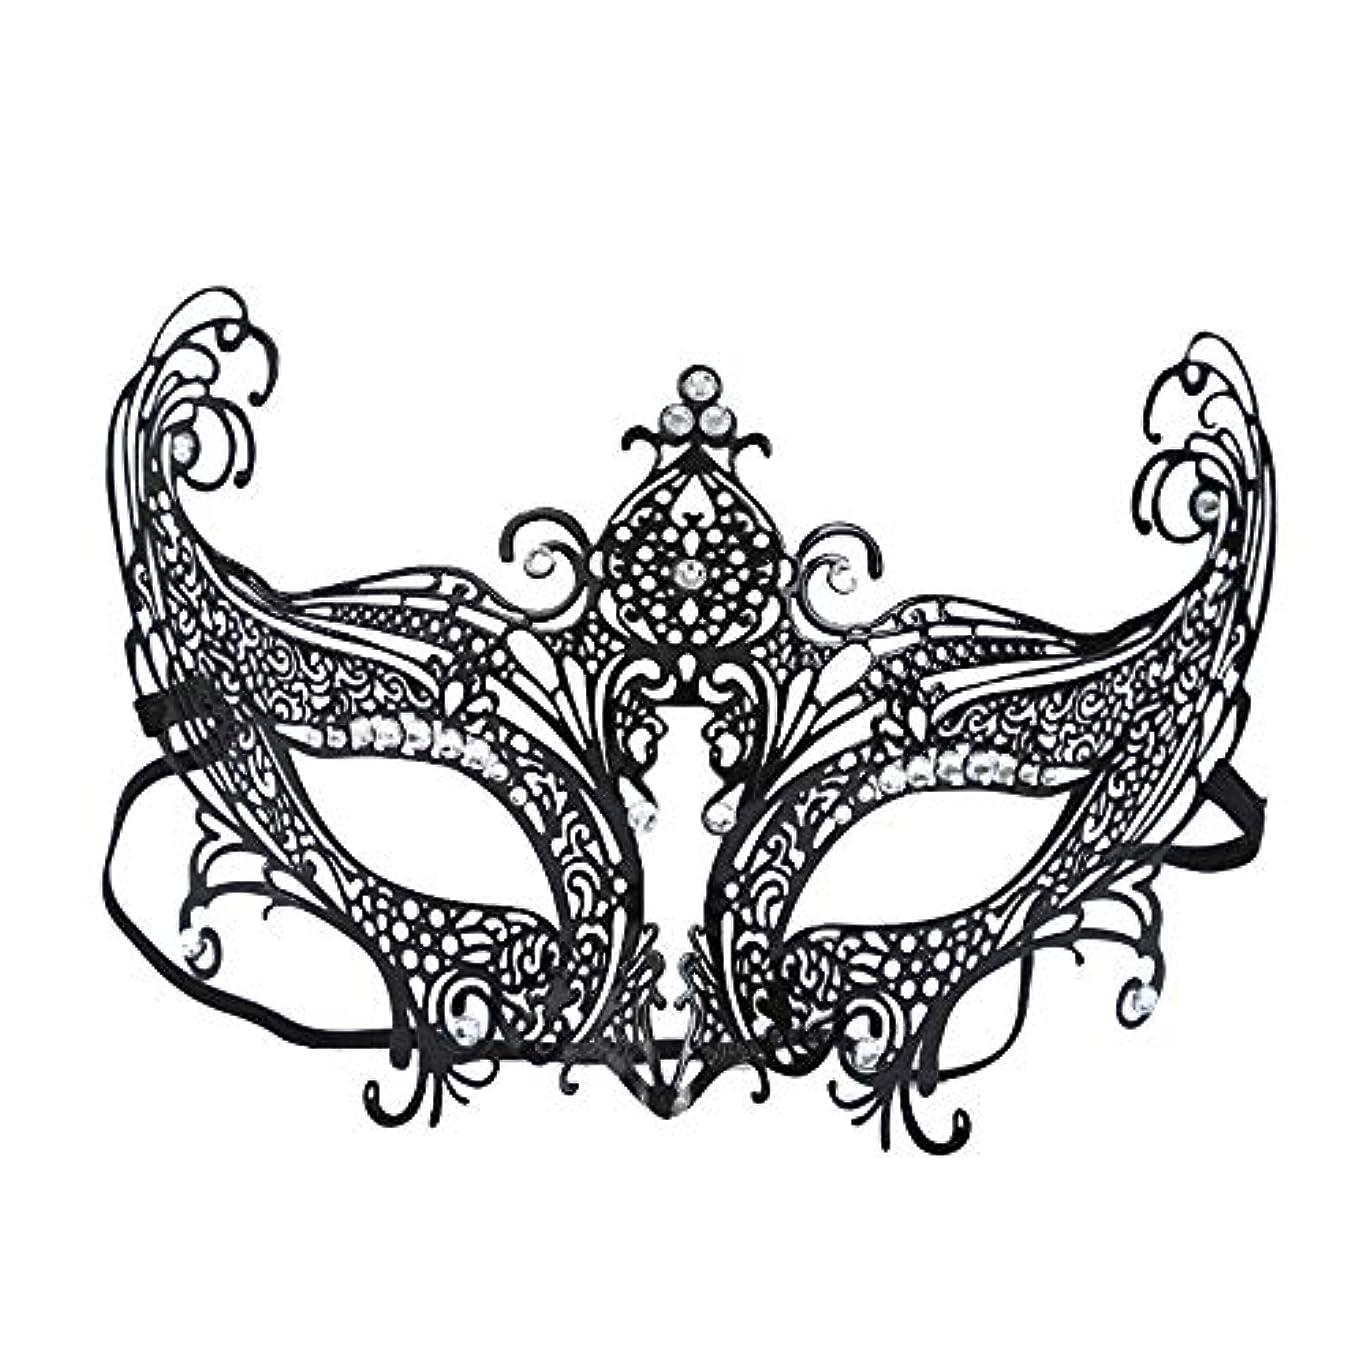 オフセット妨げる荷物ハーフフェイスアイアンマスクハロウィンヴェネツィア仮装メタルダイヤモンドフォックスマスクセクシーファンアイマスク (Color : B)